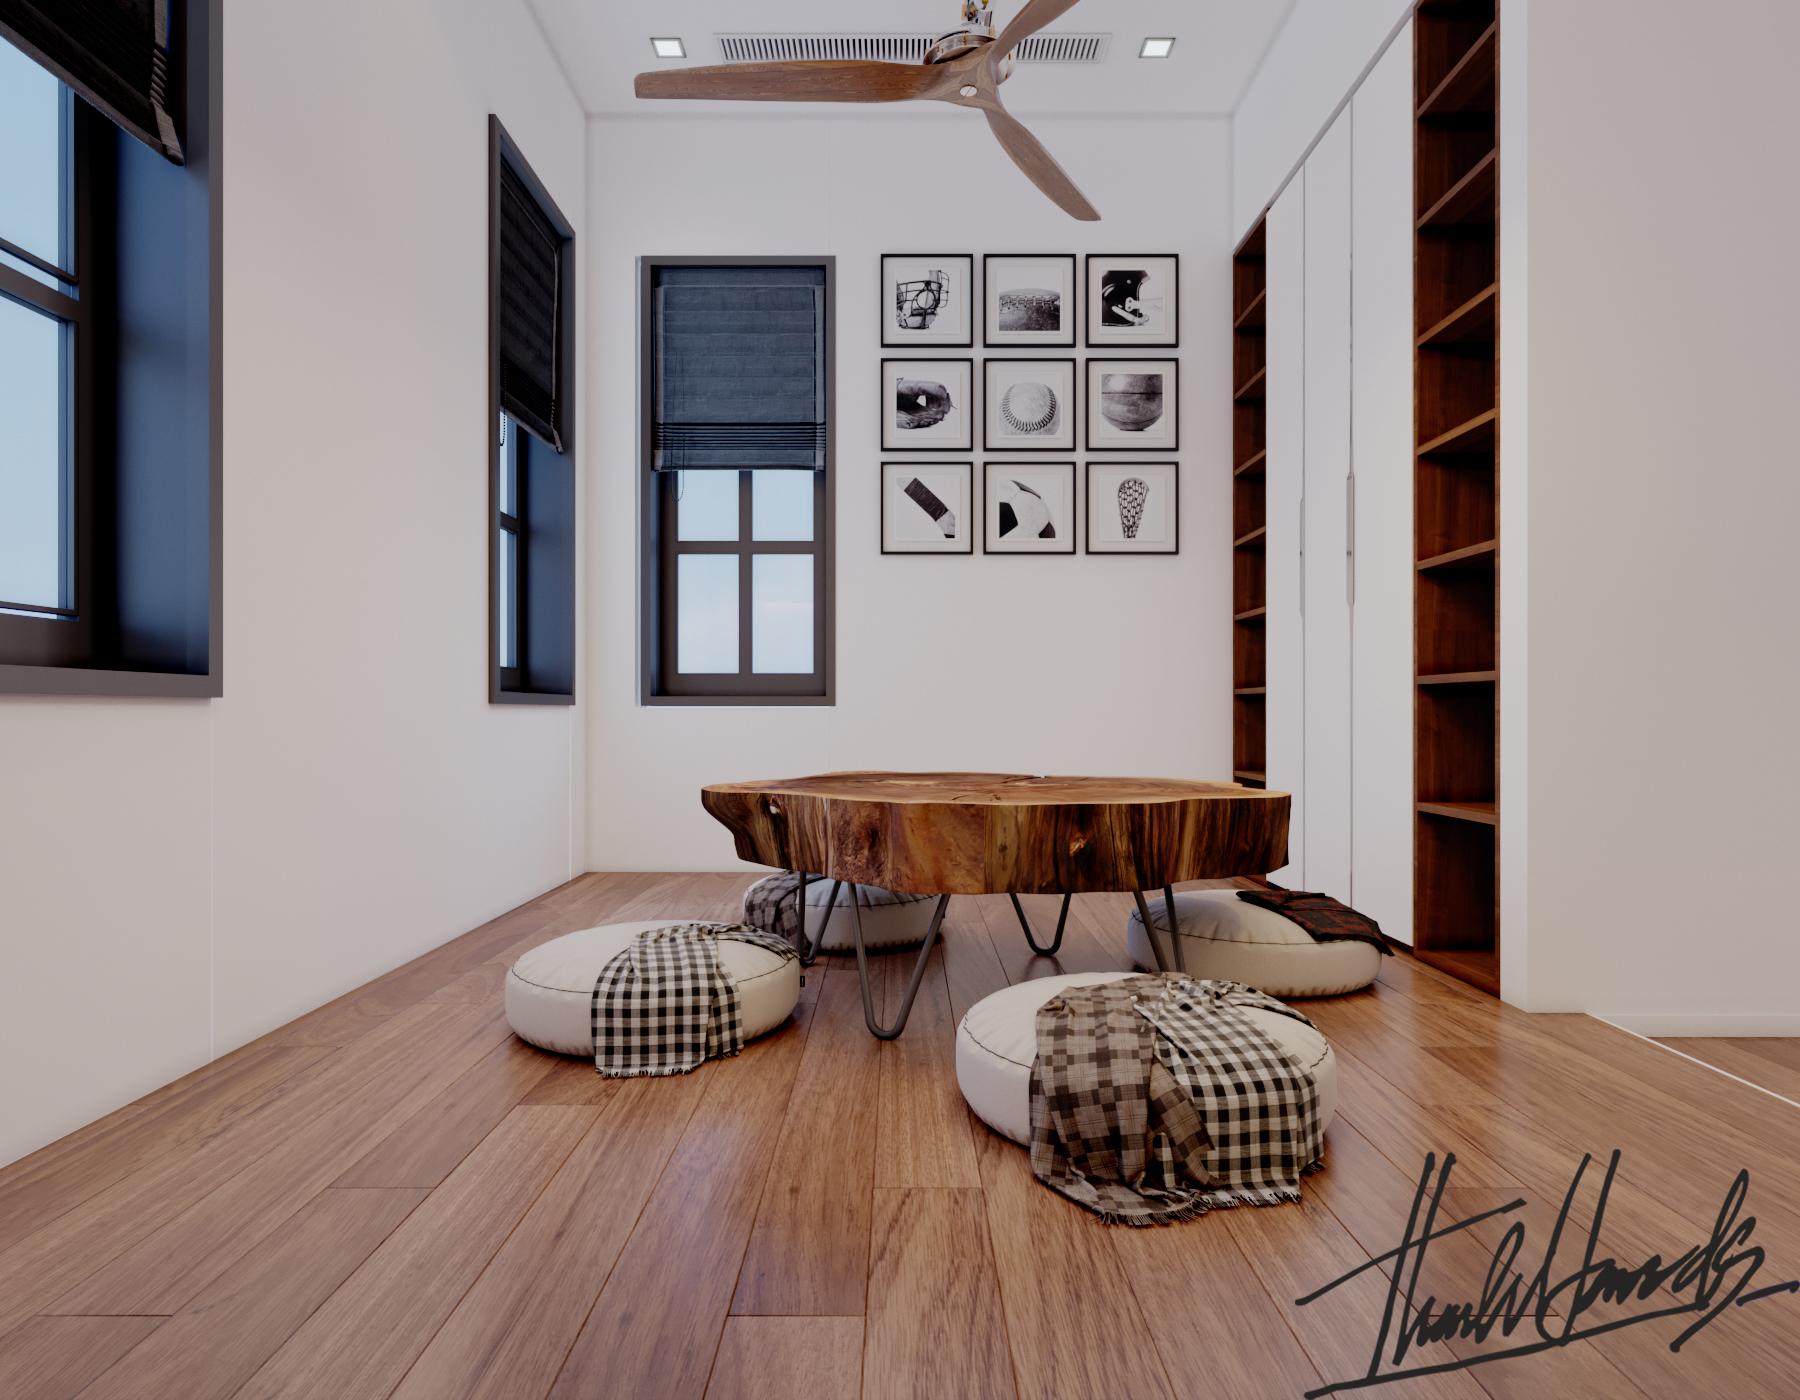 thiết kế nội thất Biệt Thự tại Hải Phòng Biệt thự Vinhomes - imperia ( khu VEN) 29 1568278778